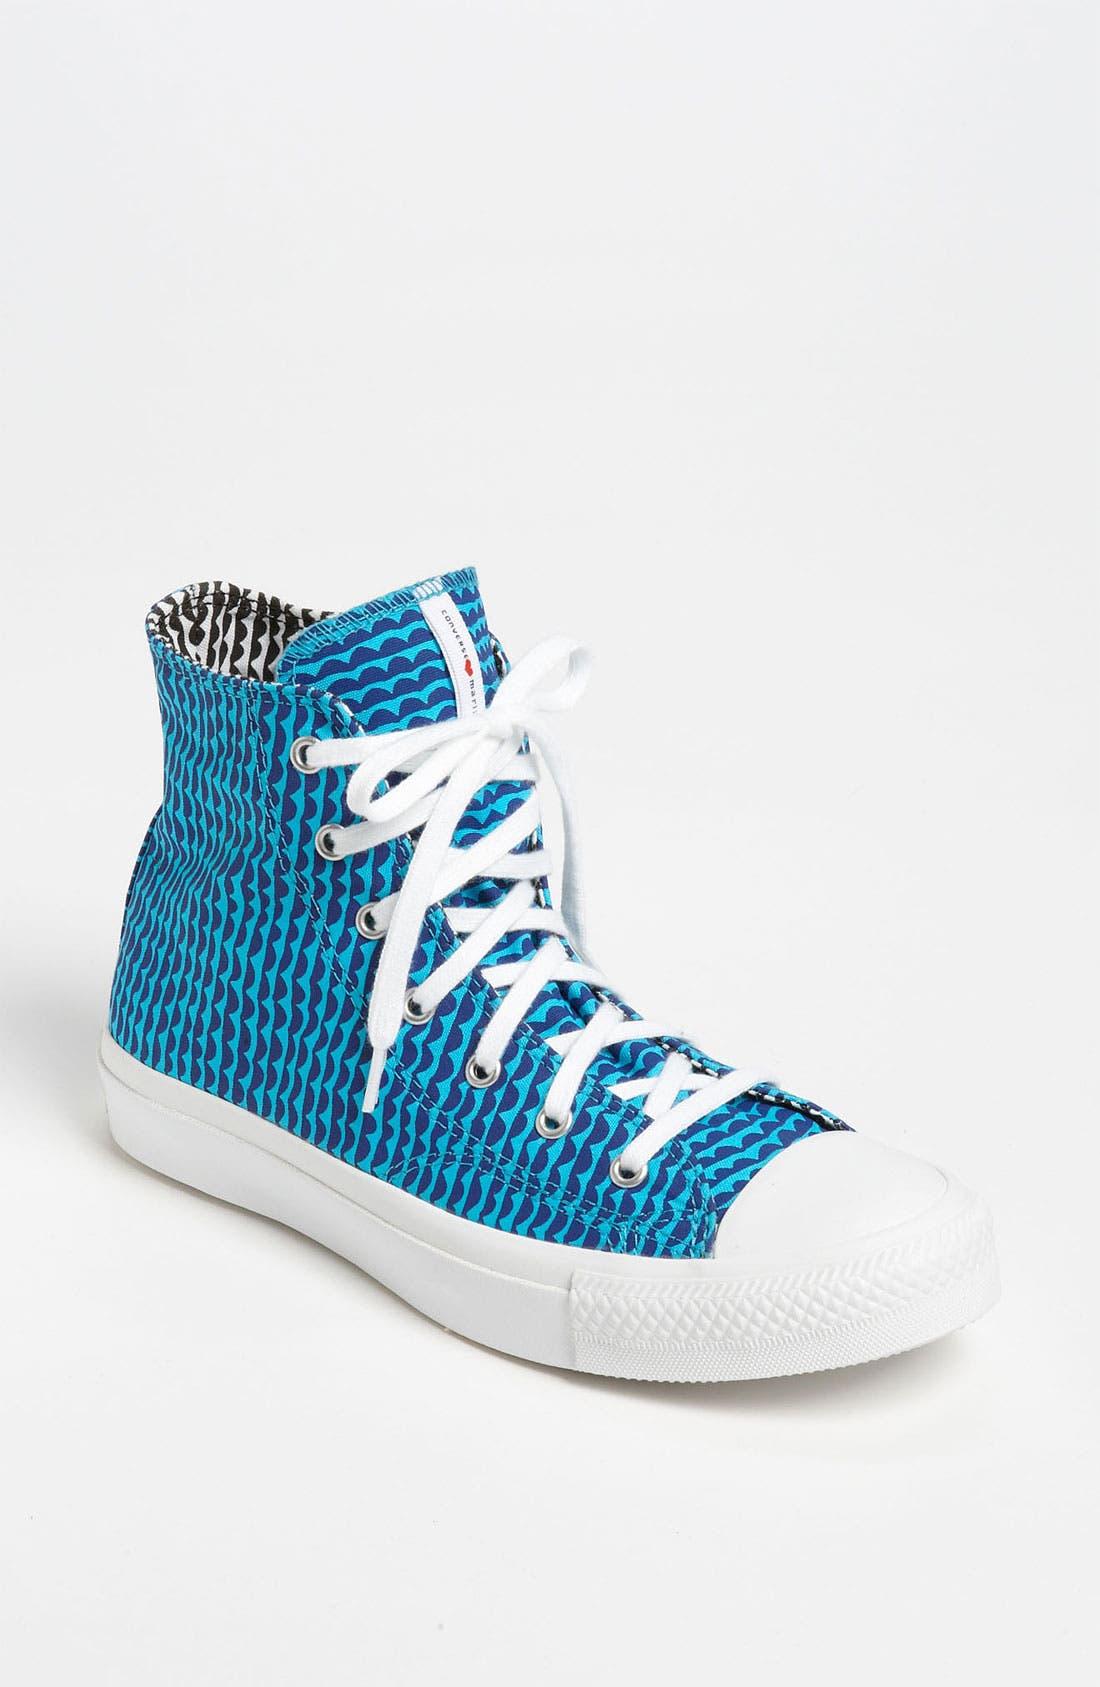 Main Image - Converse Chuck Taylor® All Star® 'Marimekko' High Top Sneaker (Women)